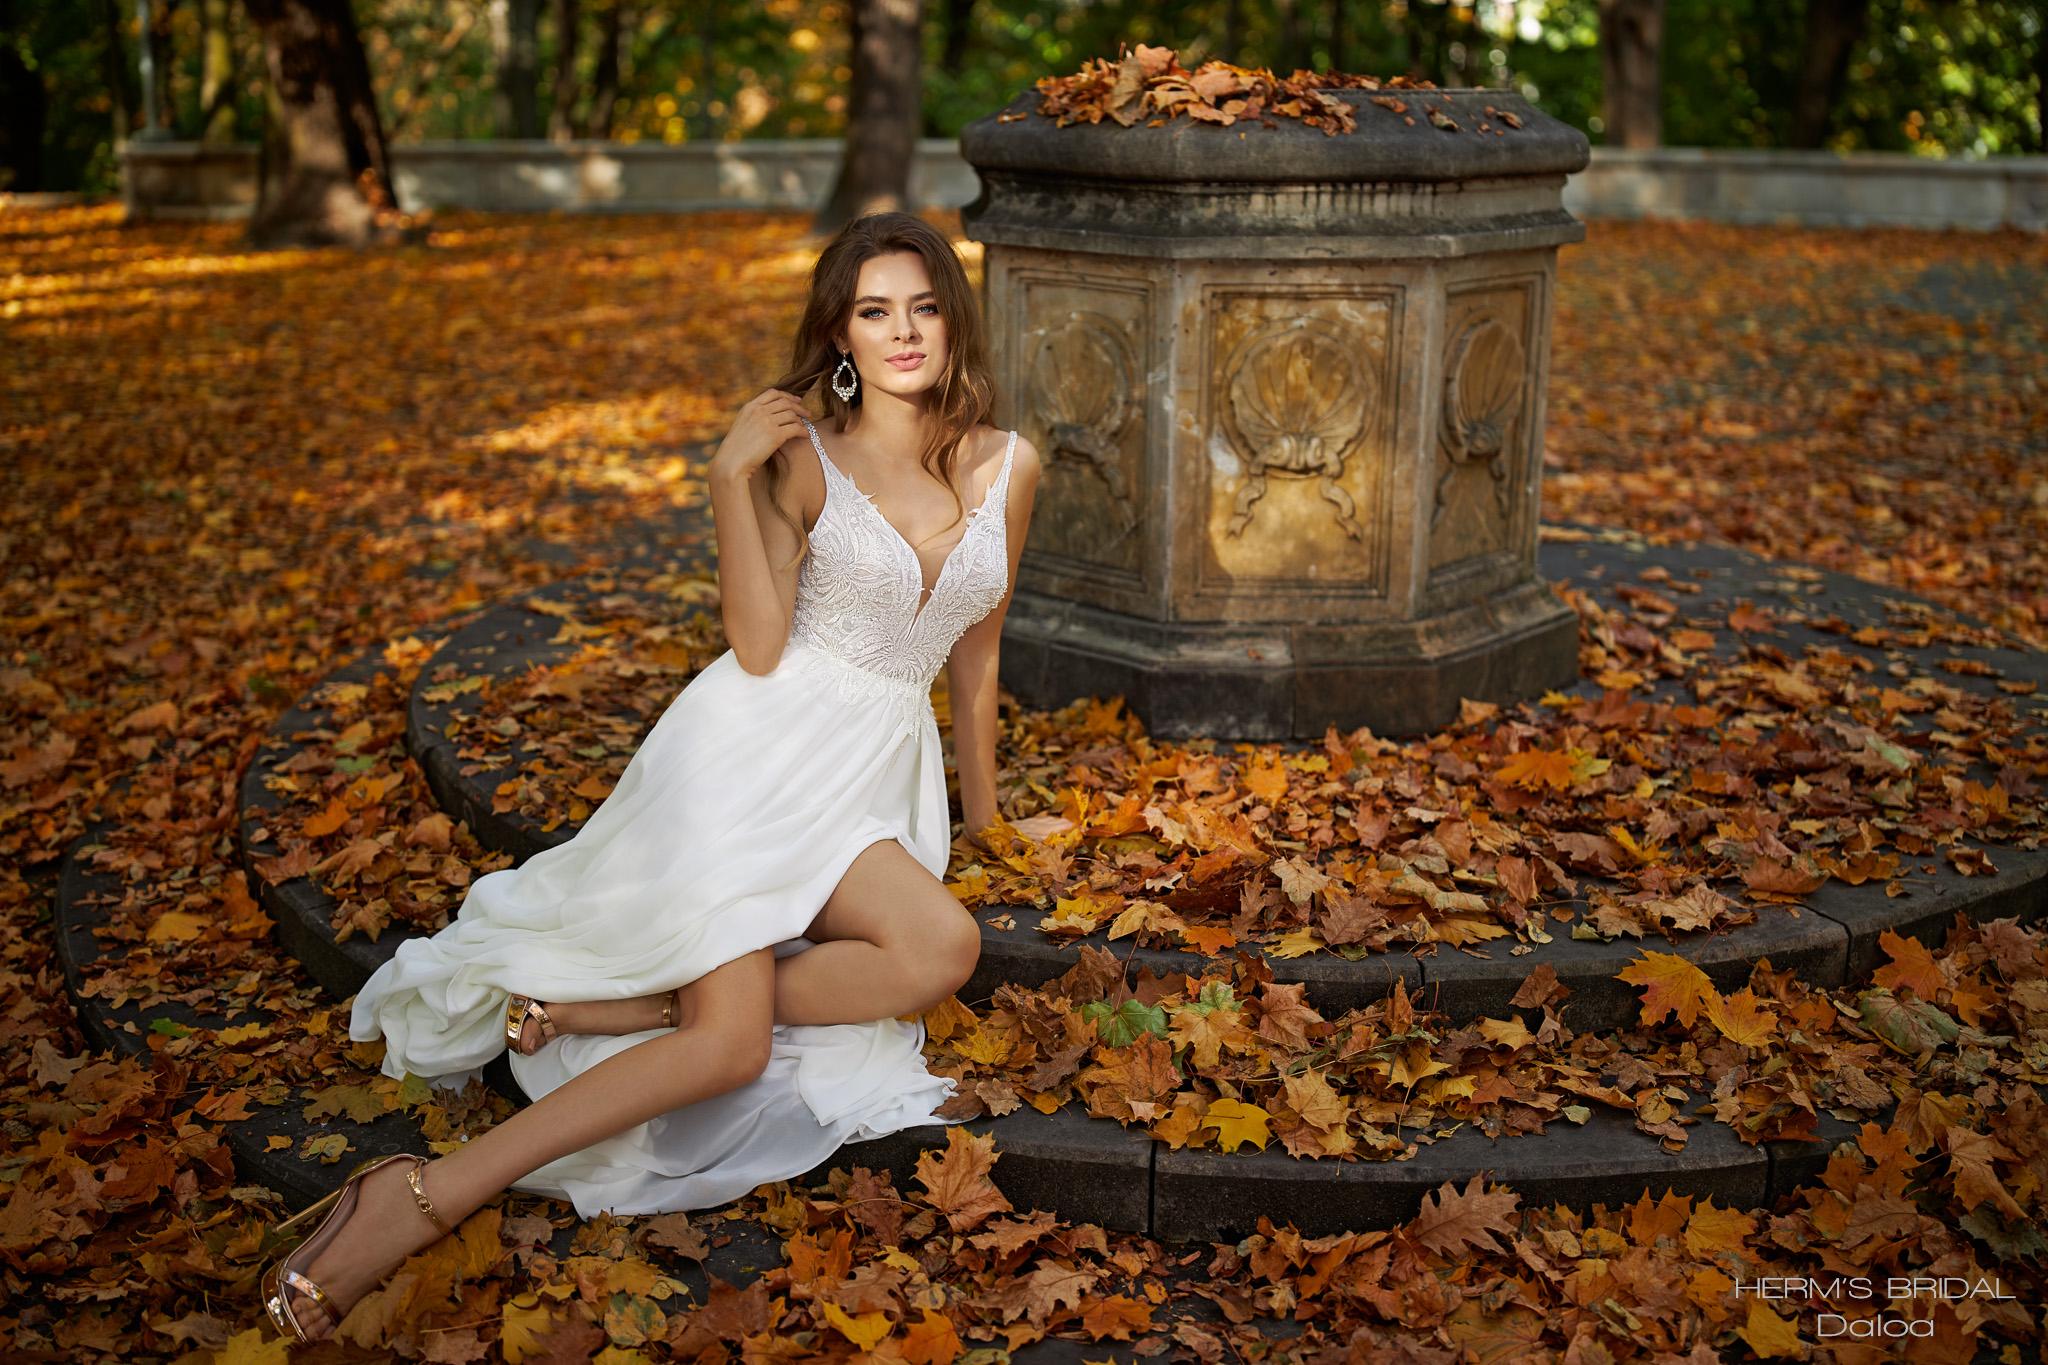 suknia slubna herms bridal Daloa 5